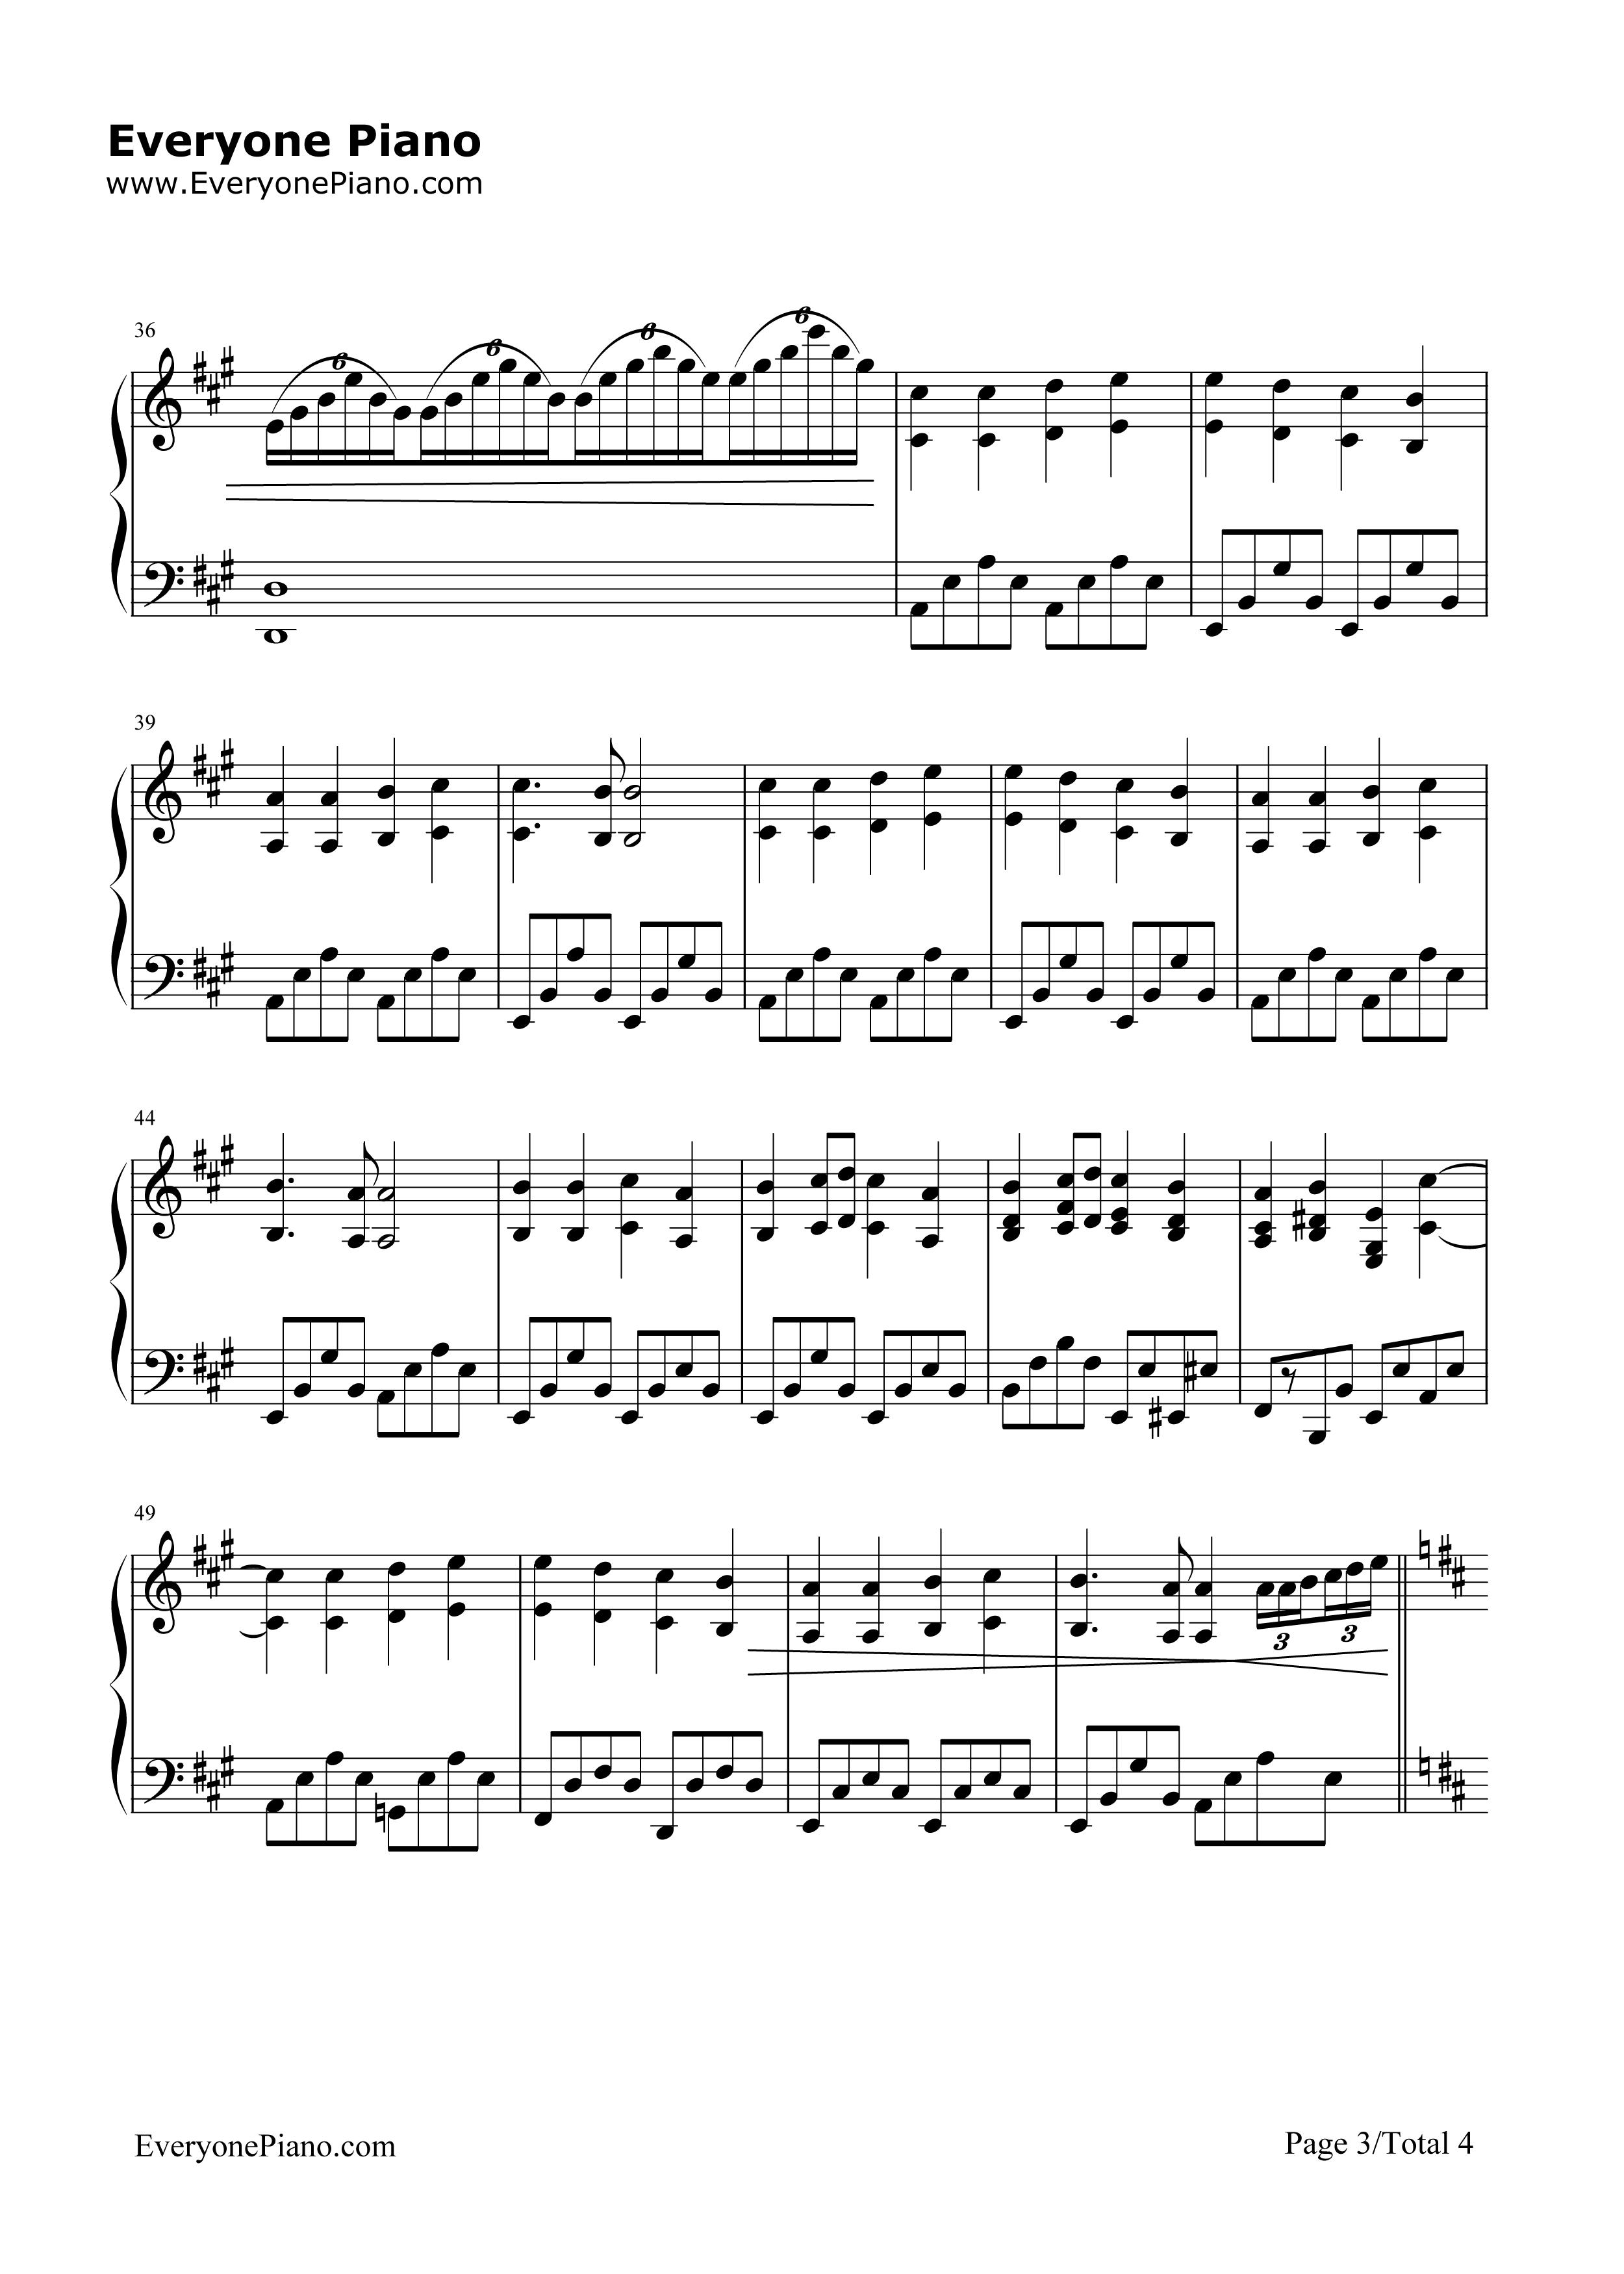 钢琴曲谱 经典 欢乐颂-完整版 欢乐颂-完整版五线谱预览3  }  仅供